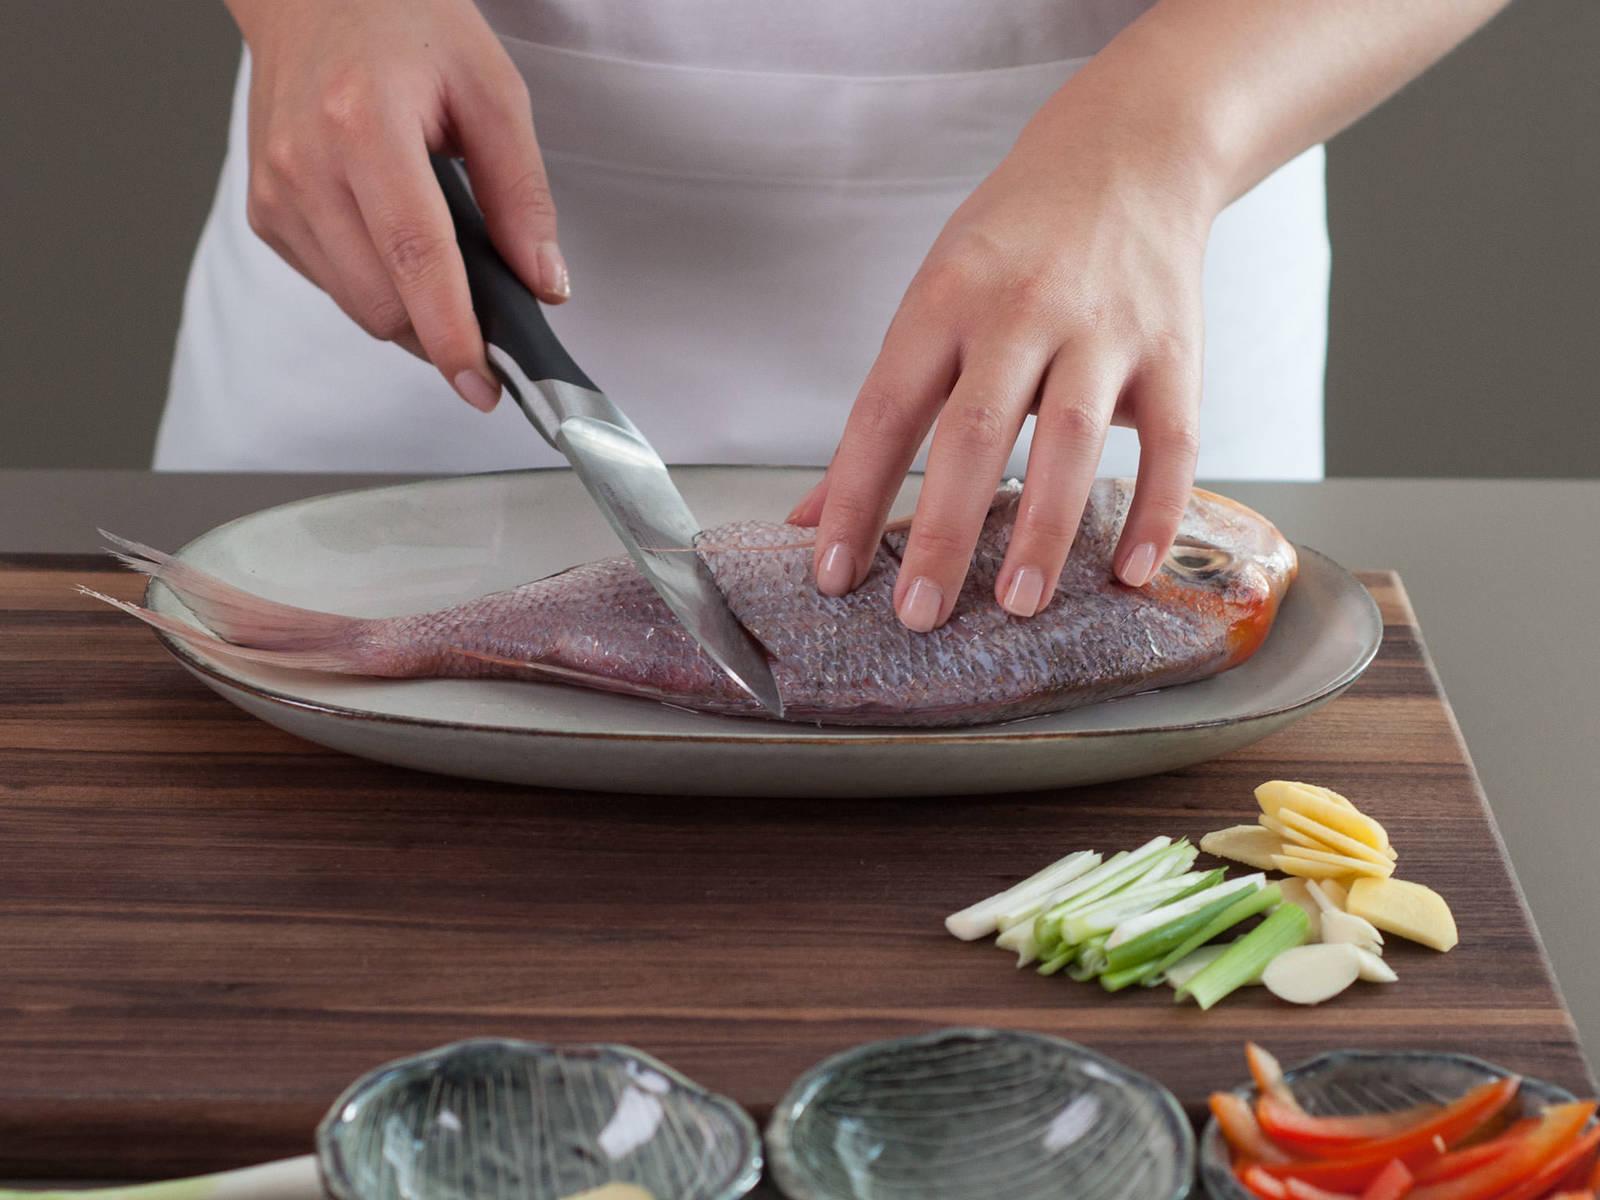 Die Hälfte des Ingwers und den Knoblauch in dünne Scheiben schneiden. Paprika in Julienne schneiden. Die Hälfte der Frühlingszwiebel in kurze Streifen schneiden. Den Fisch auf beiden Seiten diagonal einschneiden. Mit Salz bestreuen und mit Wein übergießen.